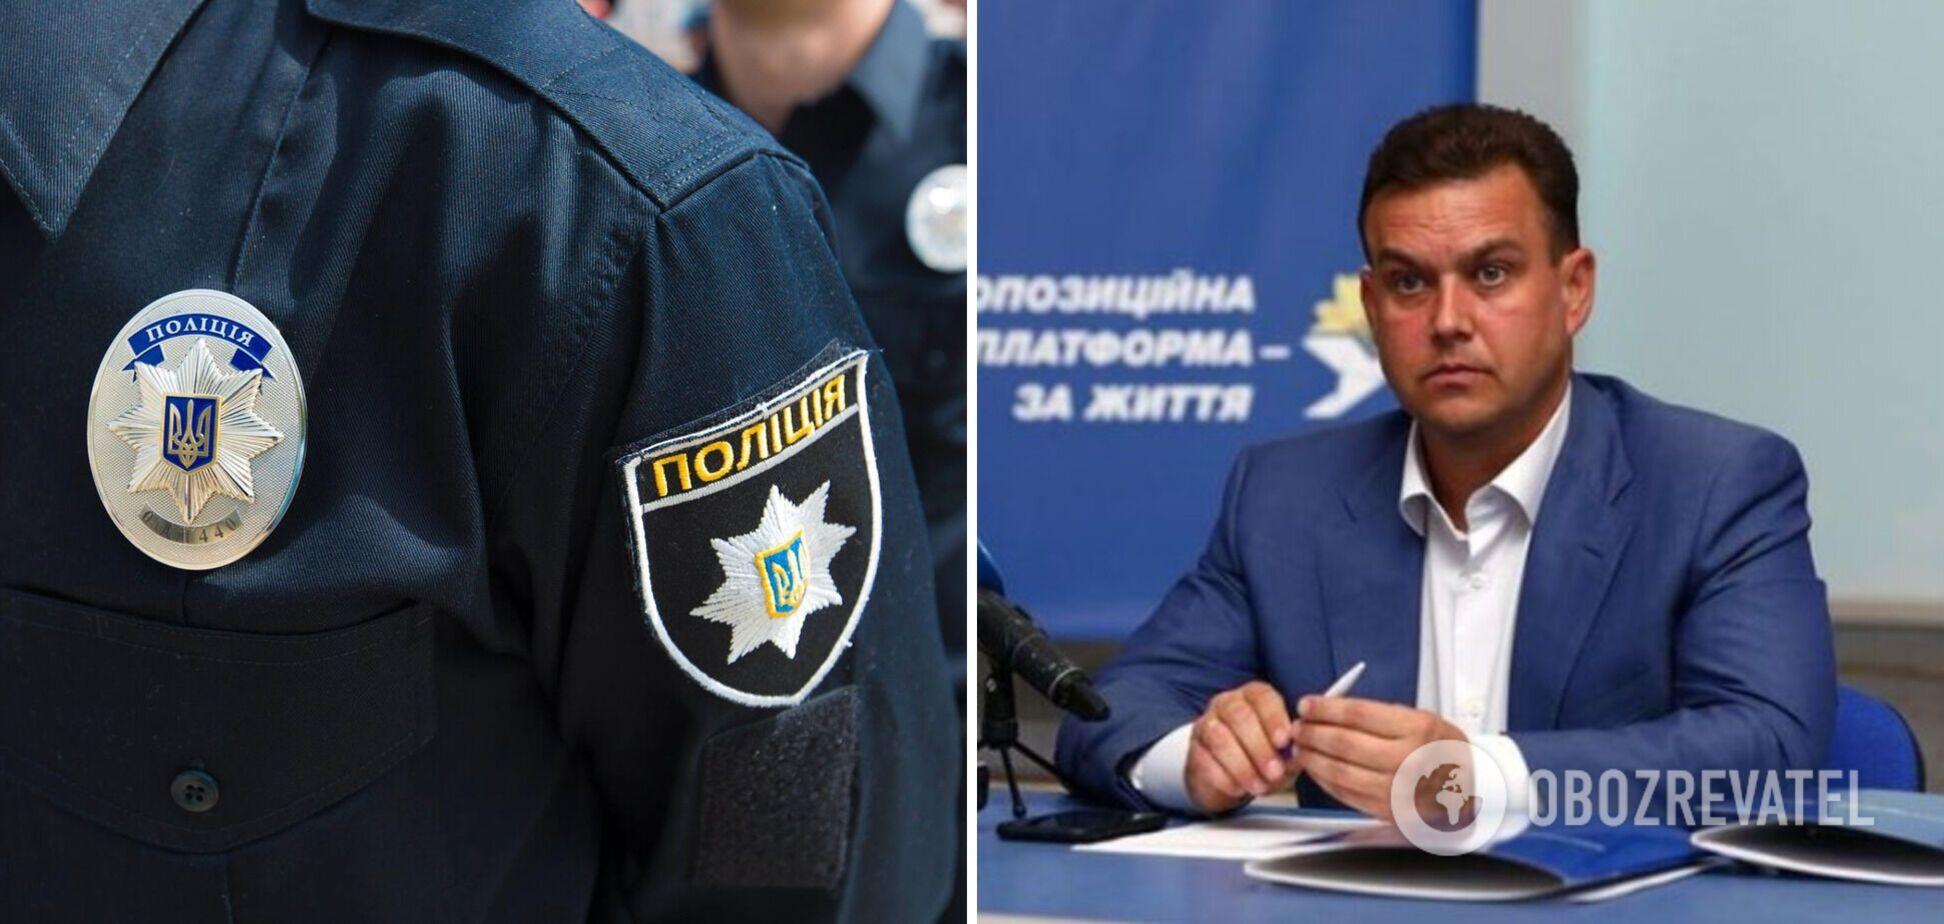 В полиции назвали причину смерти брата погибшего мэра Кривого Рога Павлова